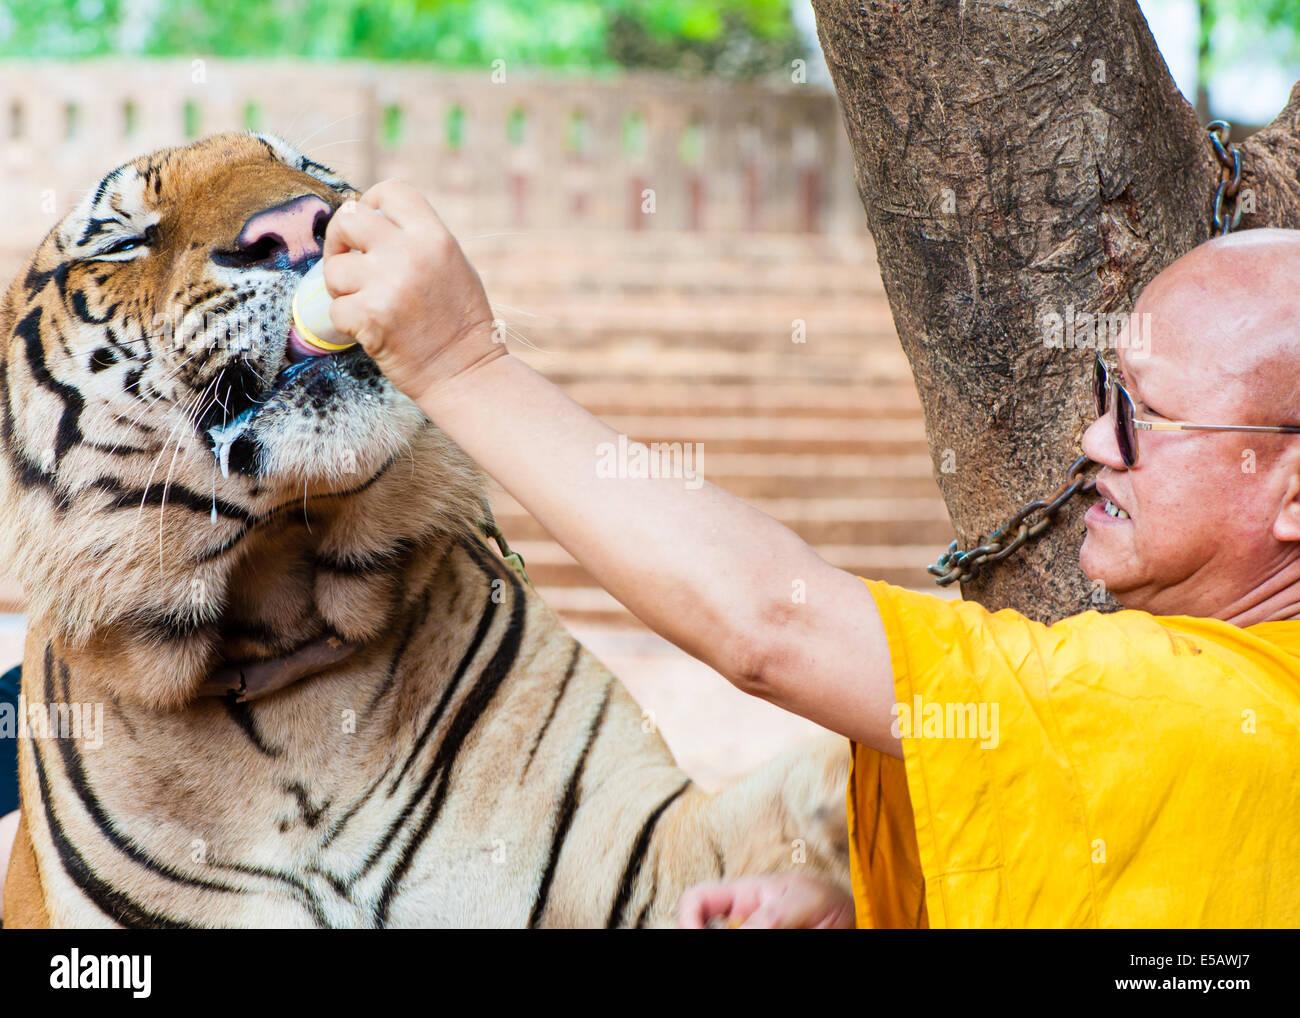 Monje budista la alimentación con leche de un tigre de bengala en el Templo del Tigre, el 23 de mayo de 2014 Imagen De Stock